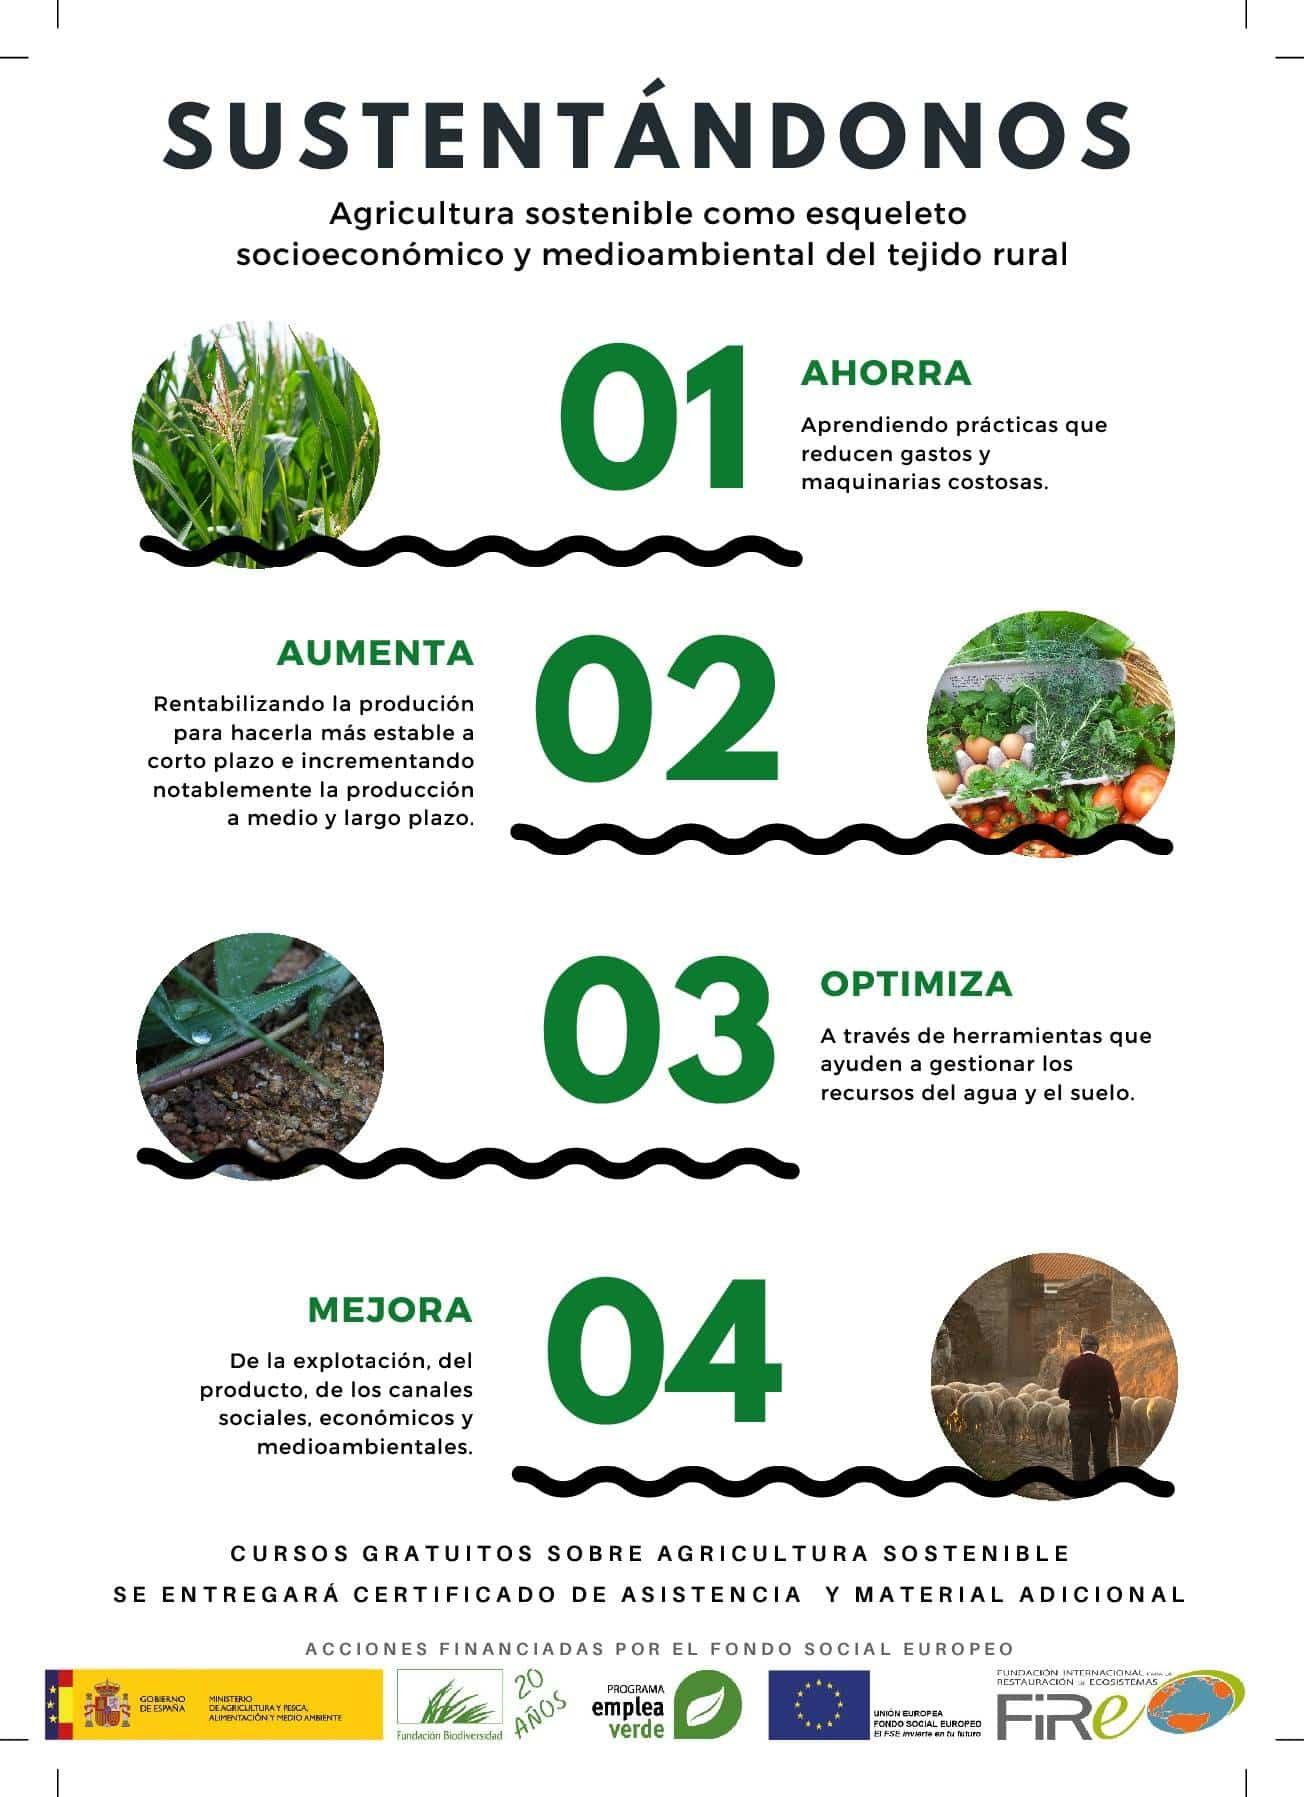 Cursos gratuitos sobre agricultura sostenible en Herencia 7